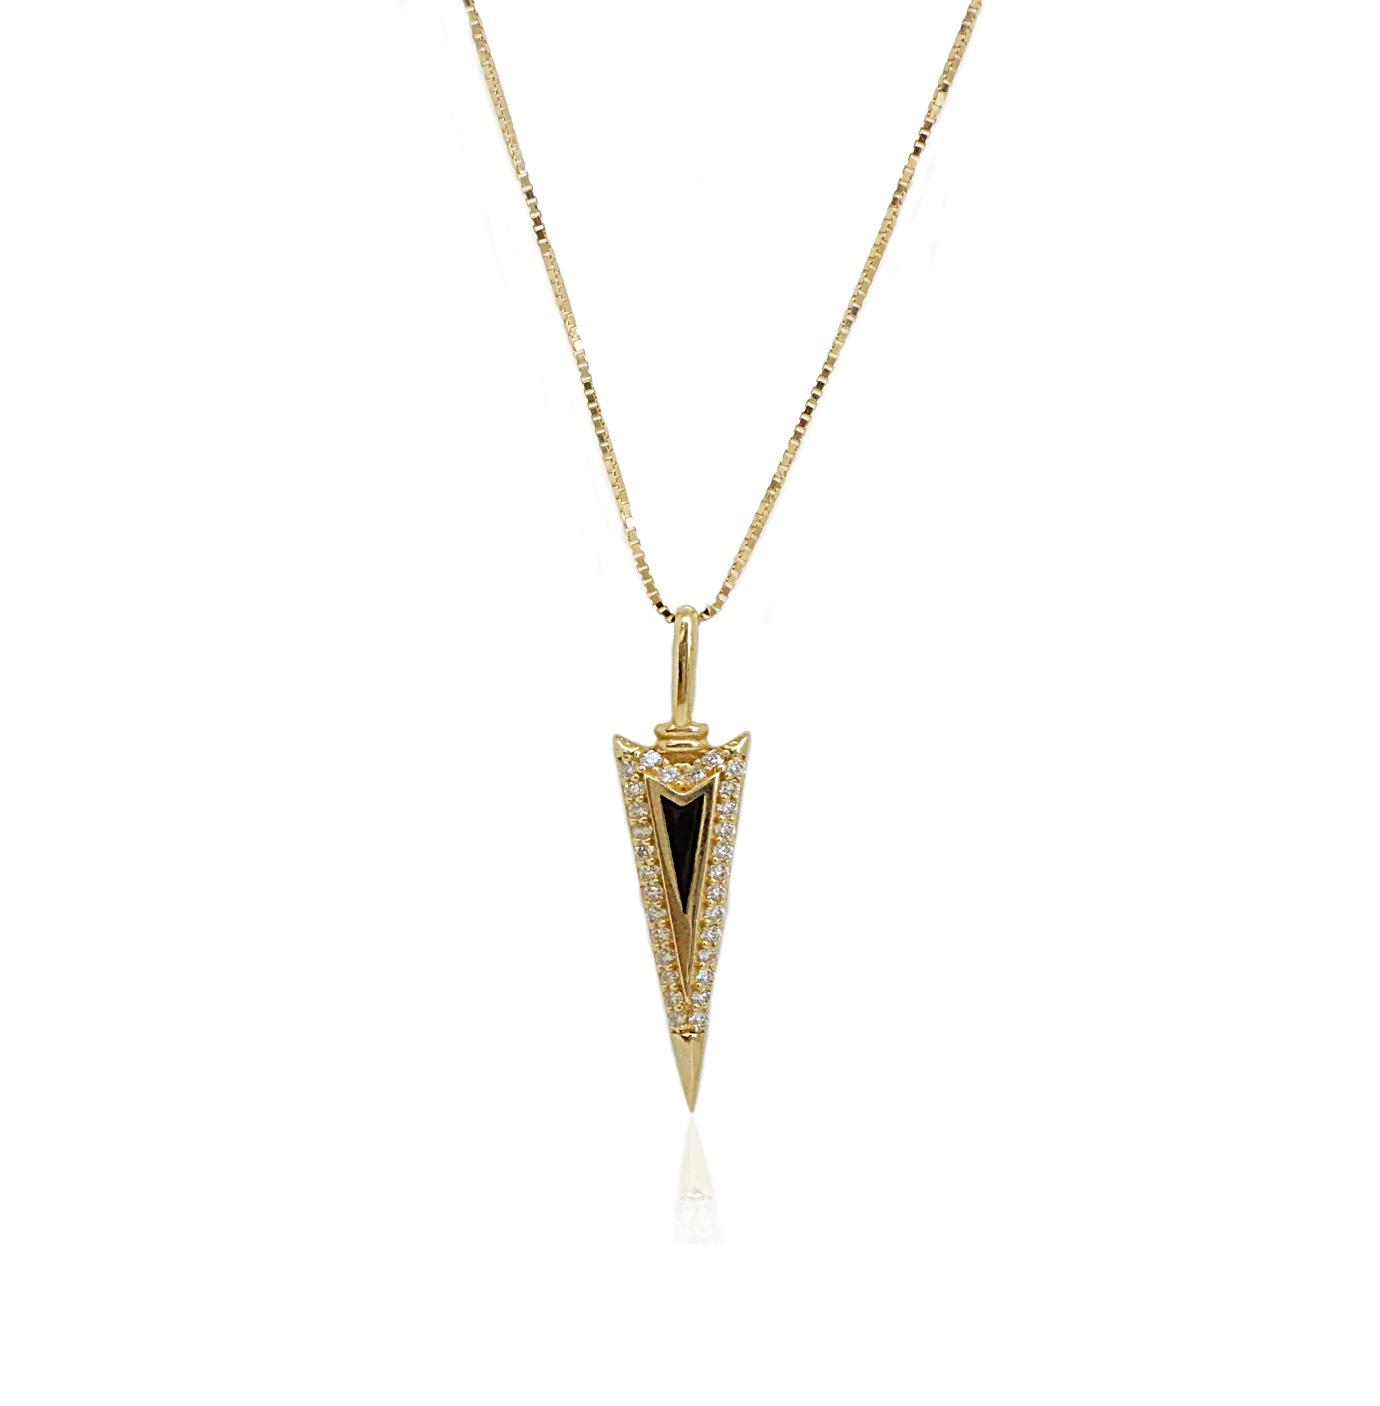 שרשרת זהב לגבר תליון משובץ זרקונים ואמייל שחור| תליון כידון זרקונים